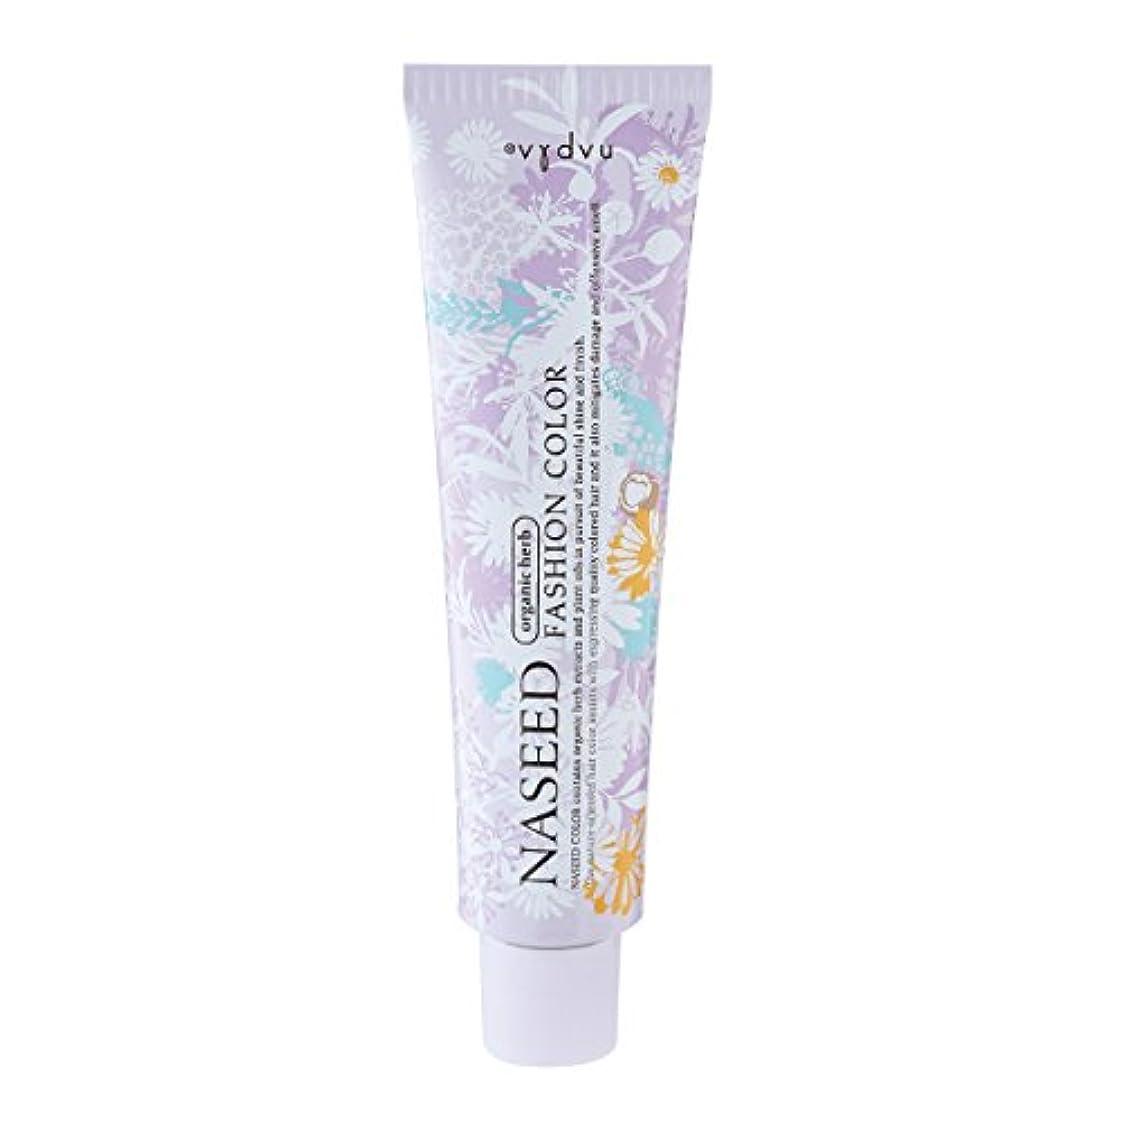 ナプラ ナシードカラー ナチュラル N-N7 80g (ファッションカラー) 【業務用】 【ヘアカラー1剤】